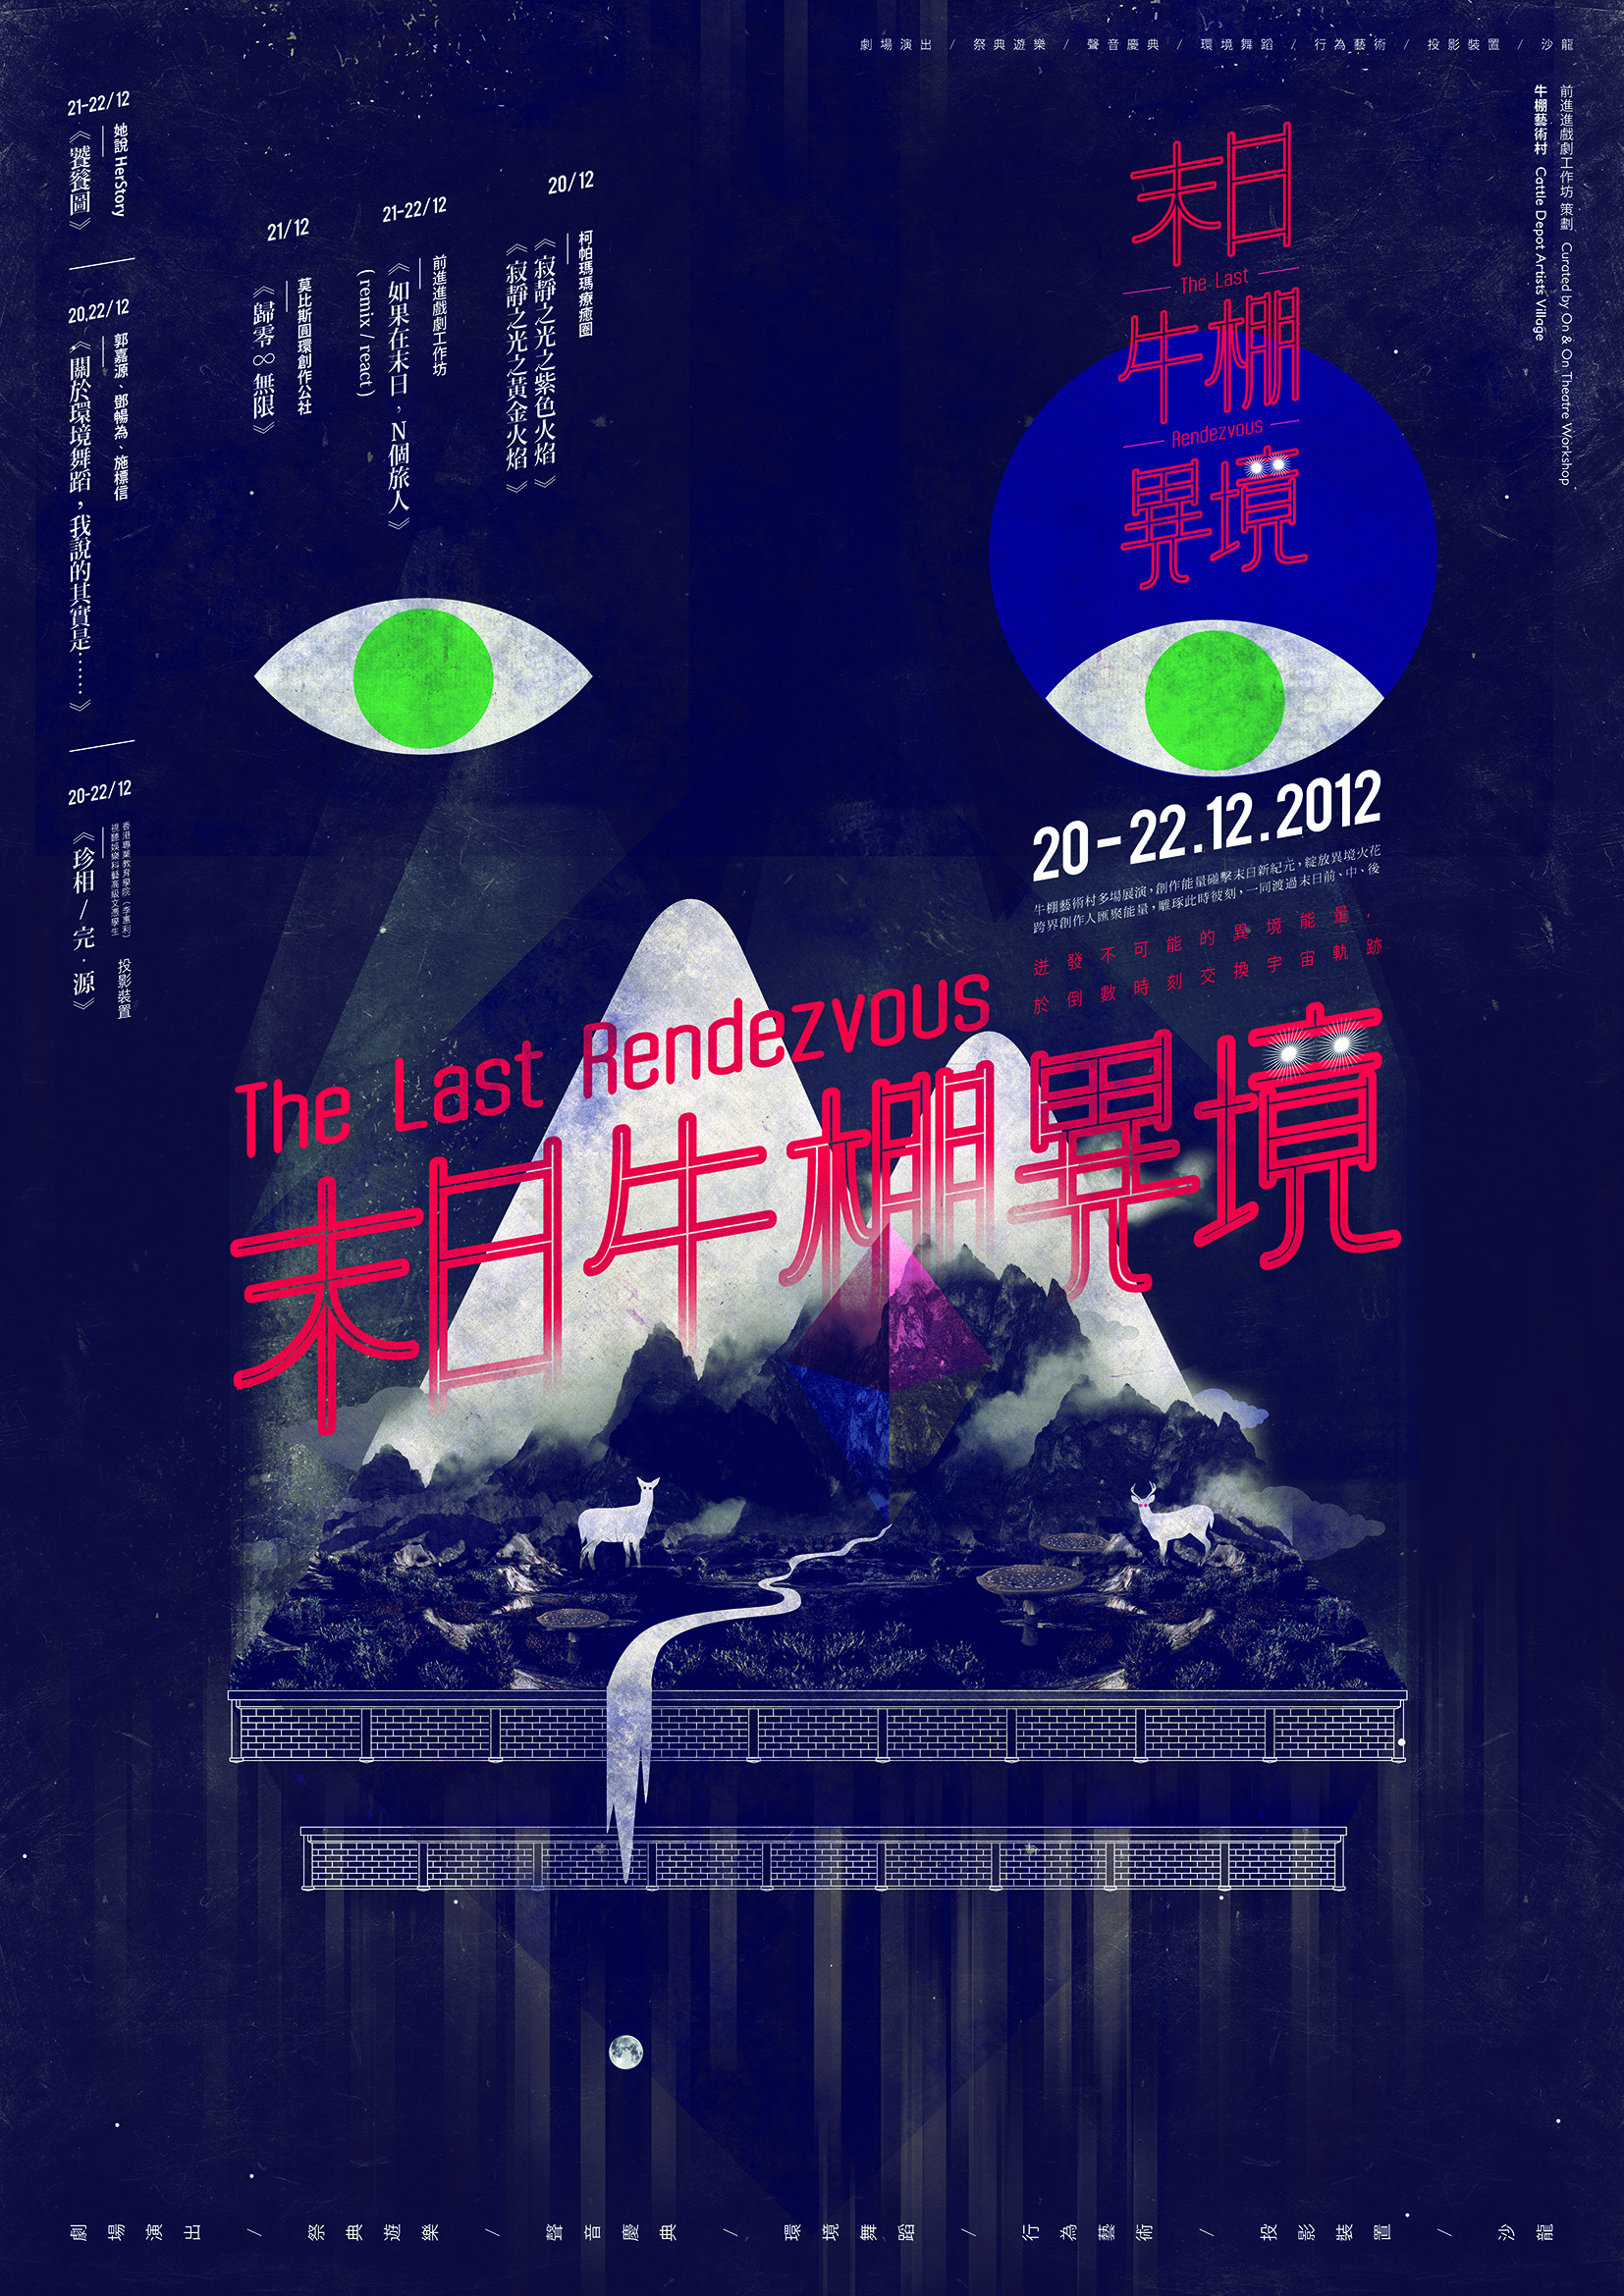 20-22/12/2012 - 牛棚藝術村